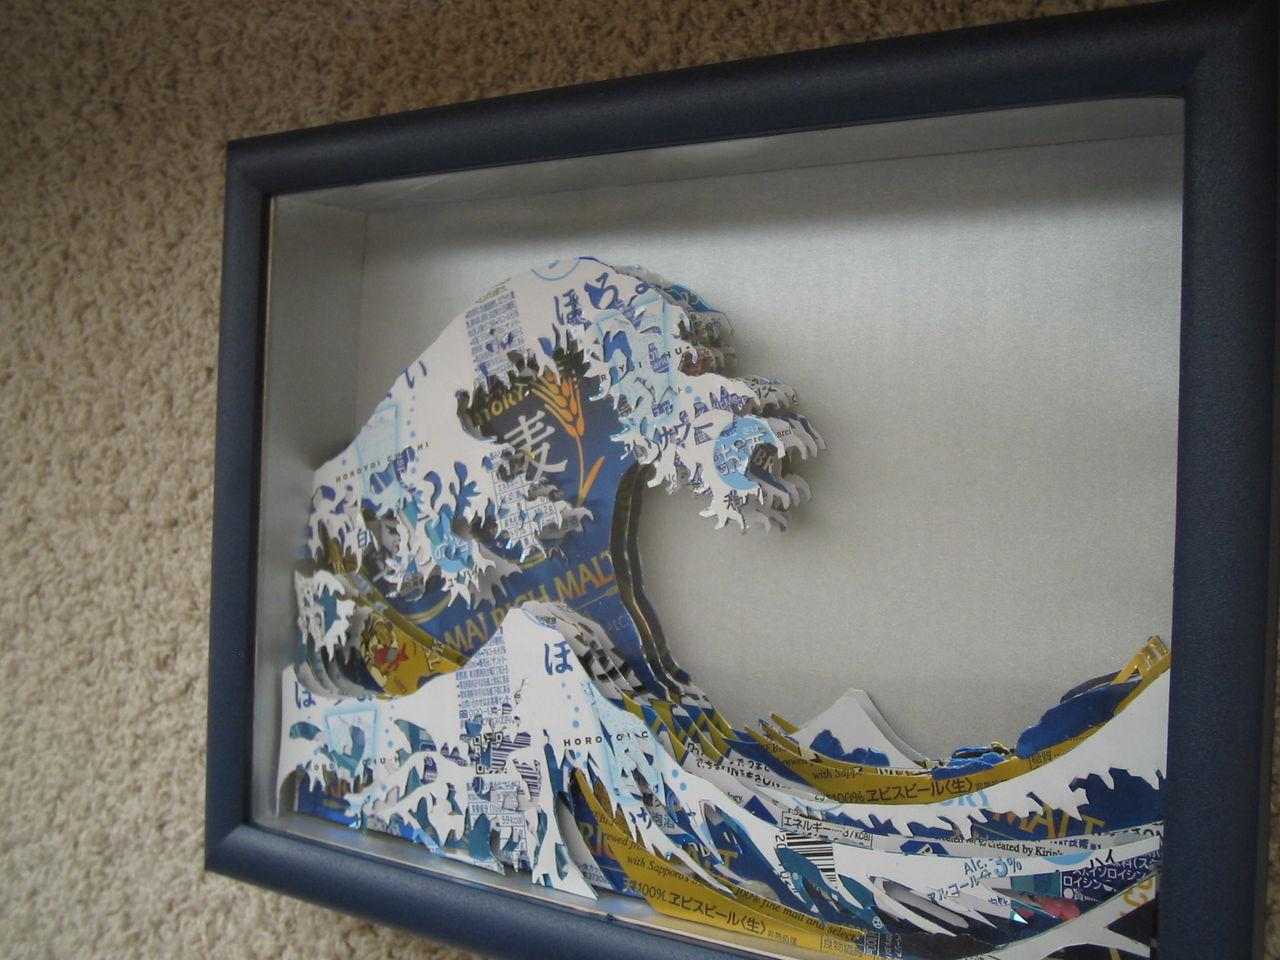 空き缶でシャドーボックス、葛飾北斎の冨嶽三十六景 神奈川沖浪裏を作ってみました : マカオンのブログ